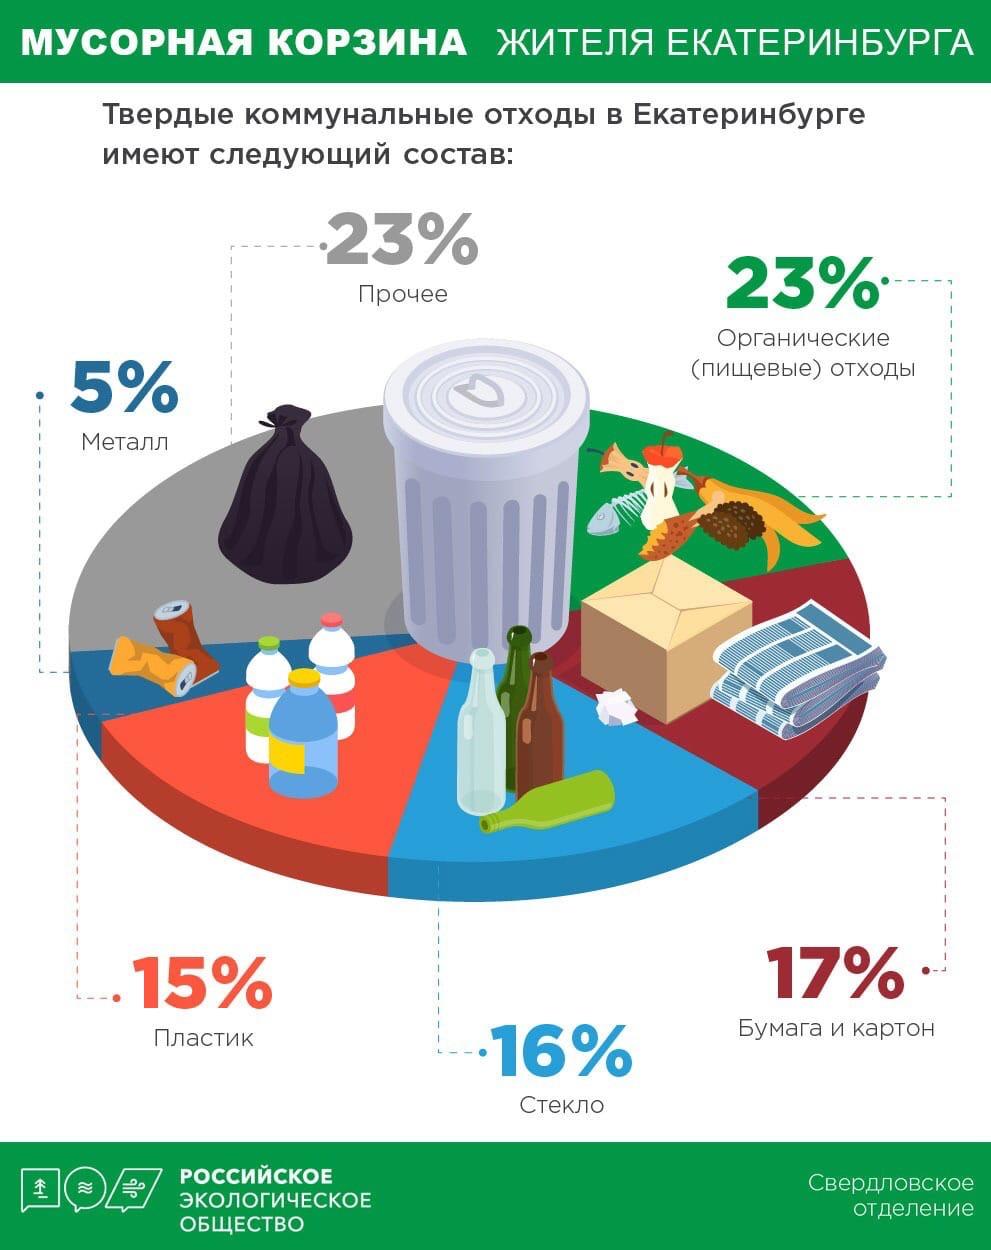 ❗️Специалисты свердловского отделения Российского экологического общества проанализировали